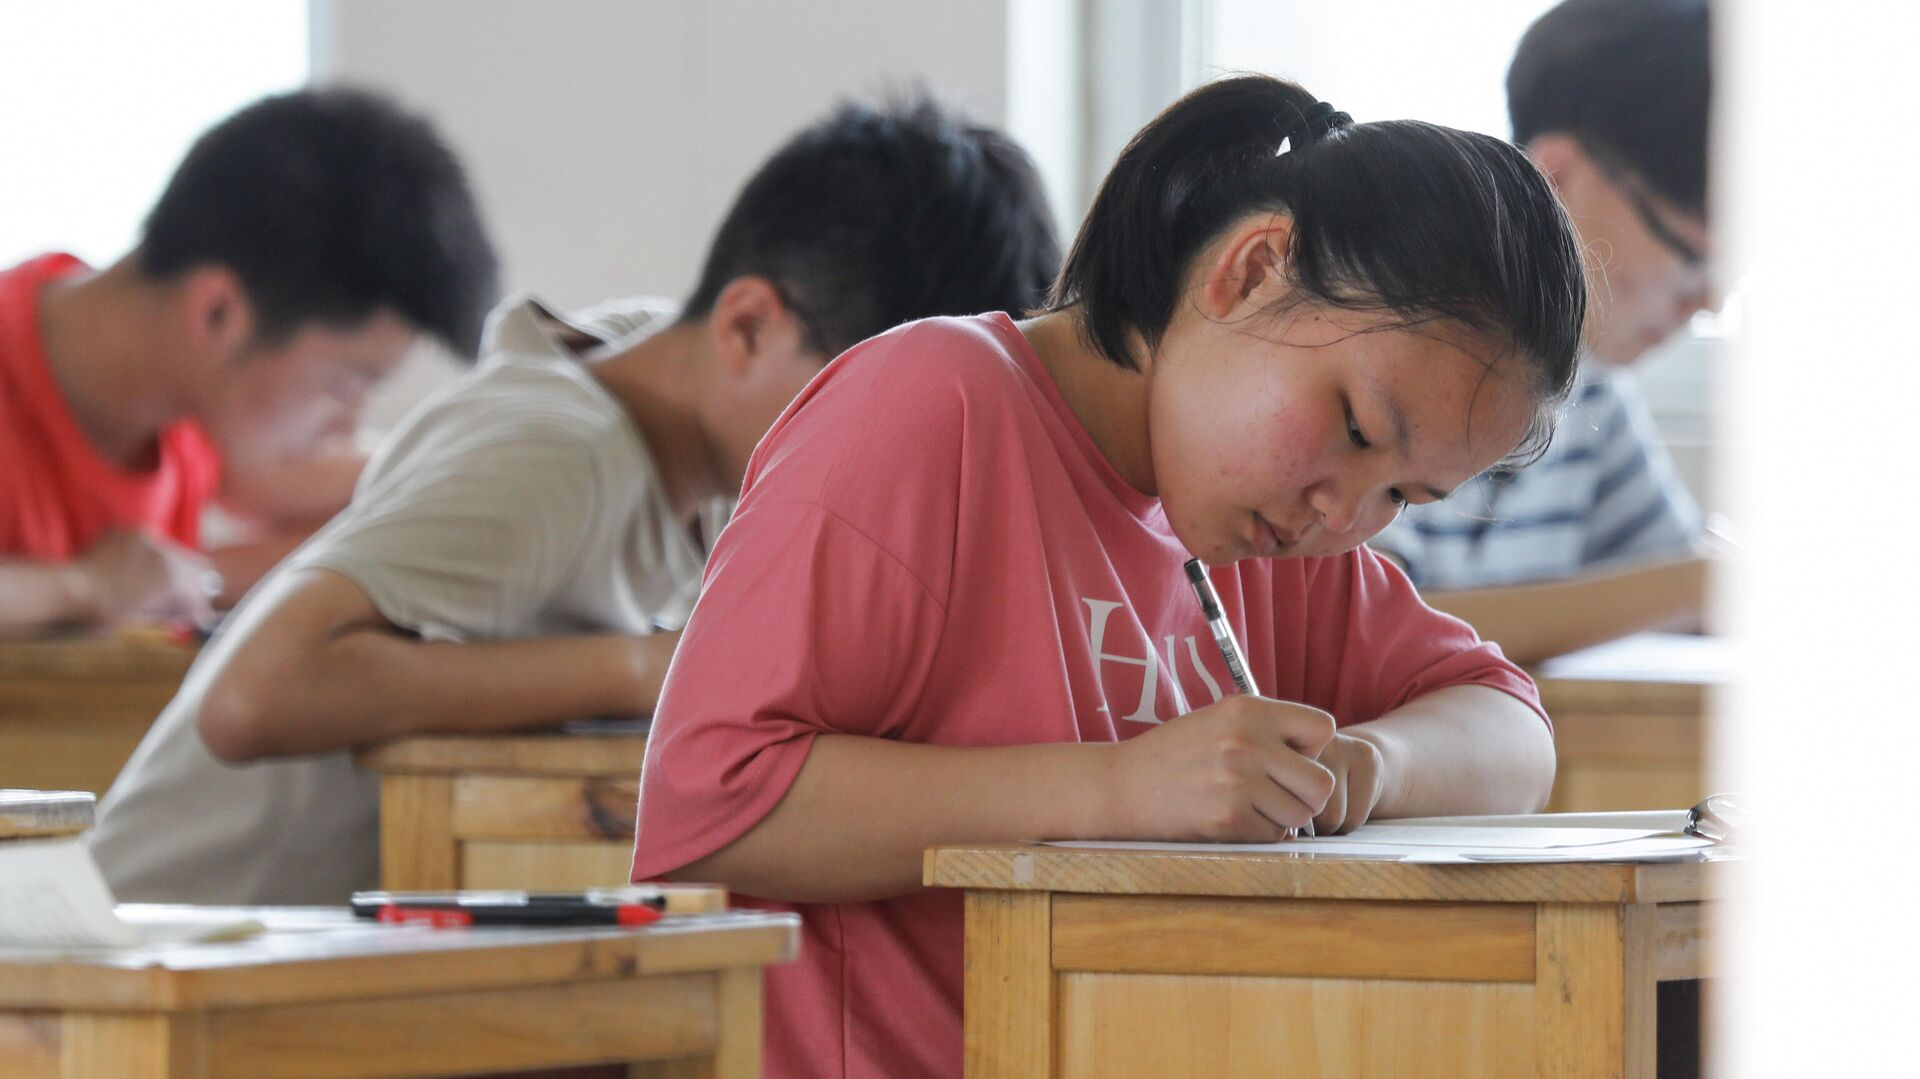 Китайские школьники во время экзамена - РИА Новости, 1920, 05.08.2021